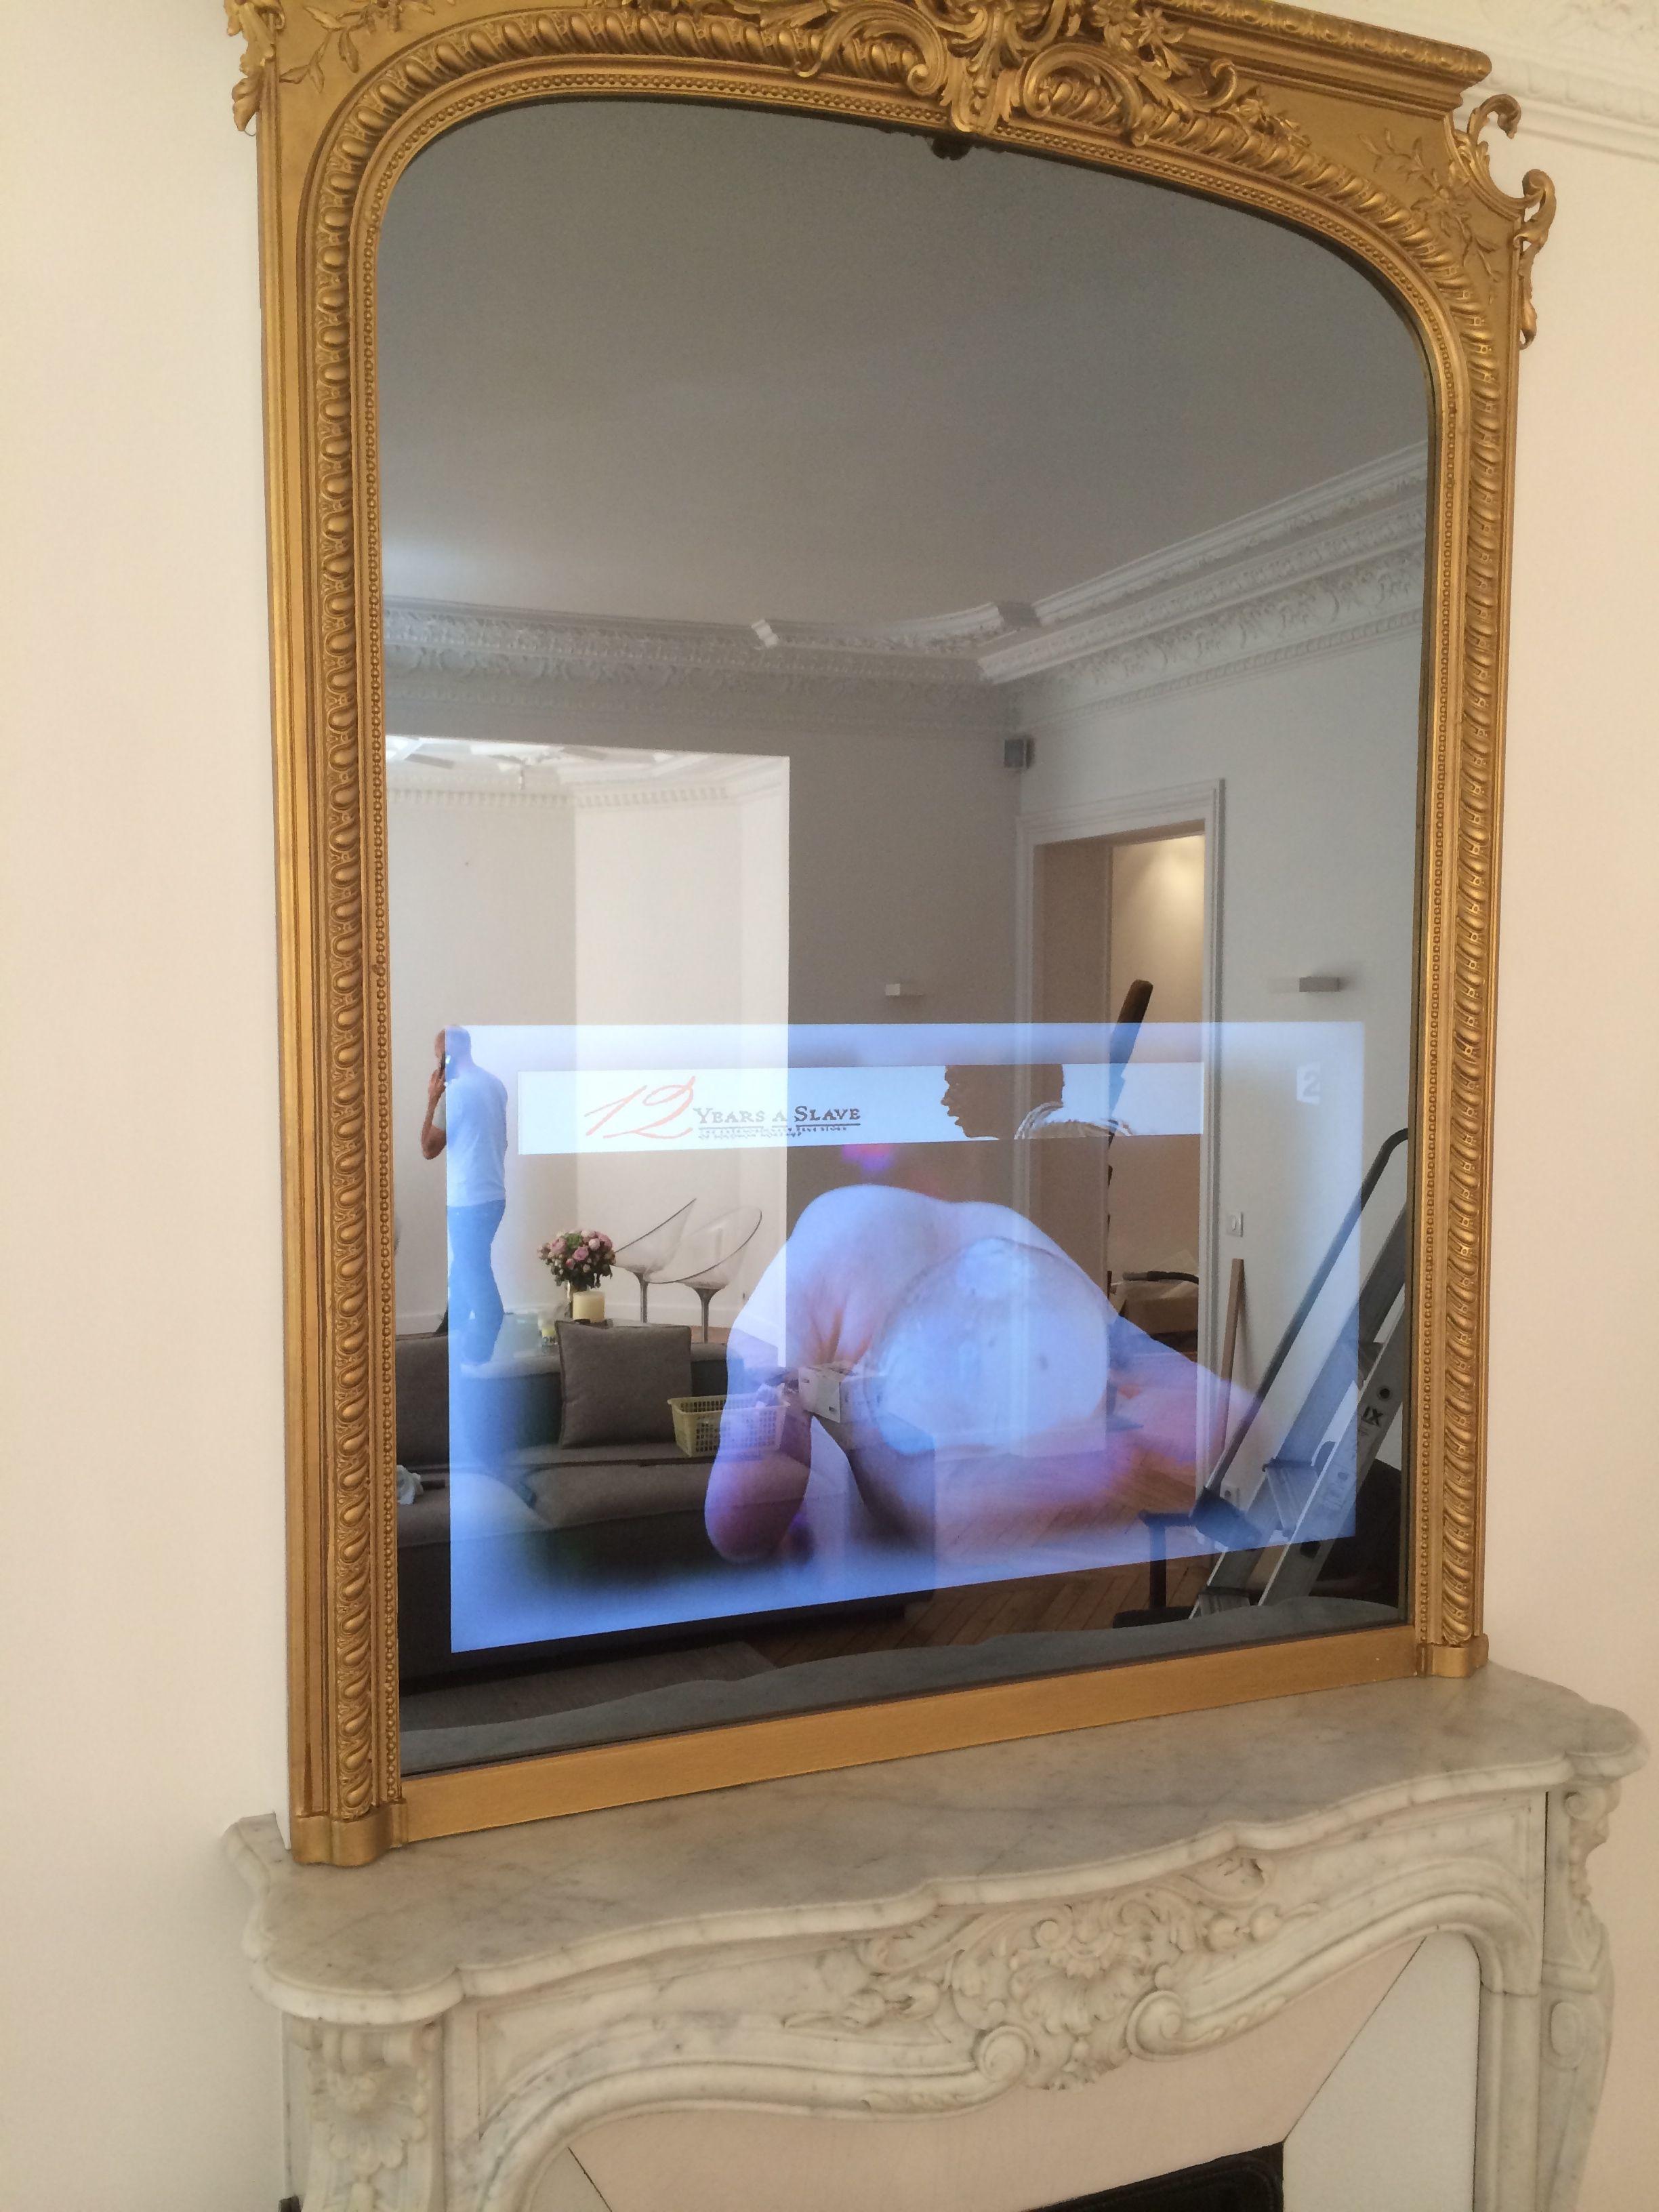 Le Trumeau A Ete Restaure Le Miroir D Origine A Ete Remplace Par Un Miroir Tv So Concept Le Trumeau Est Devenu Un Veritable Meuble Miroir Tv Cadre Tv Miroir